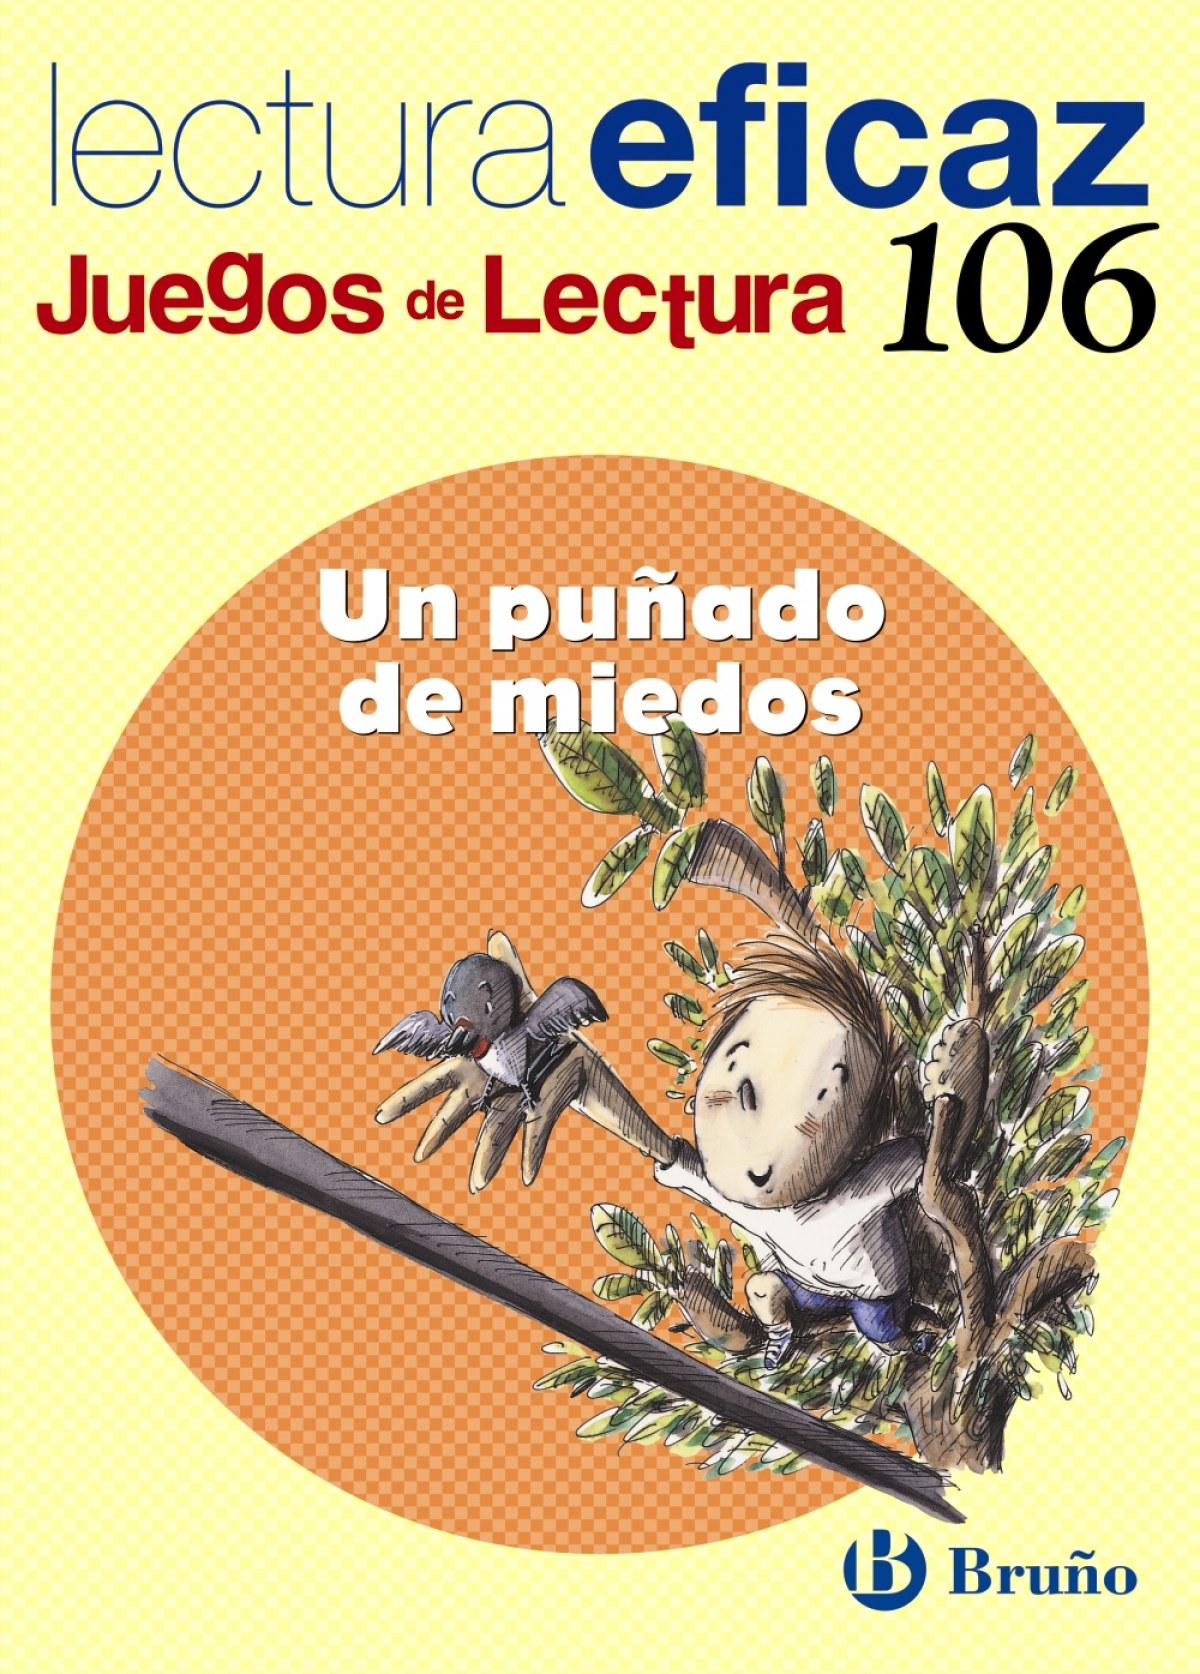 106.puÑado de miedos.(juegos lectura) - Alonso Gracia, Ángel/Álvarez de Eulate Alberdi, Carlos Miguel